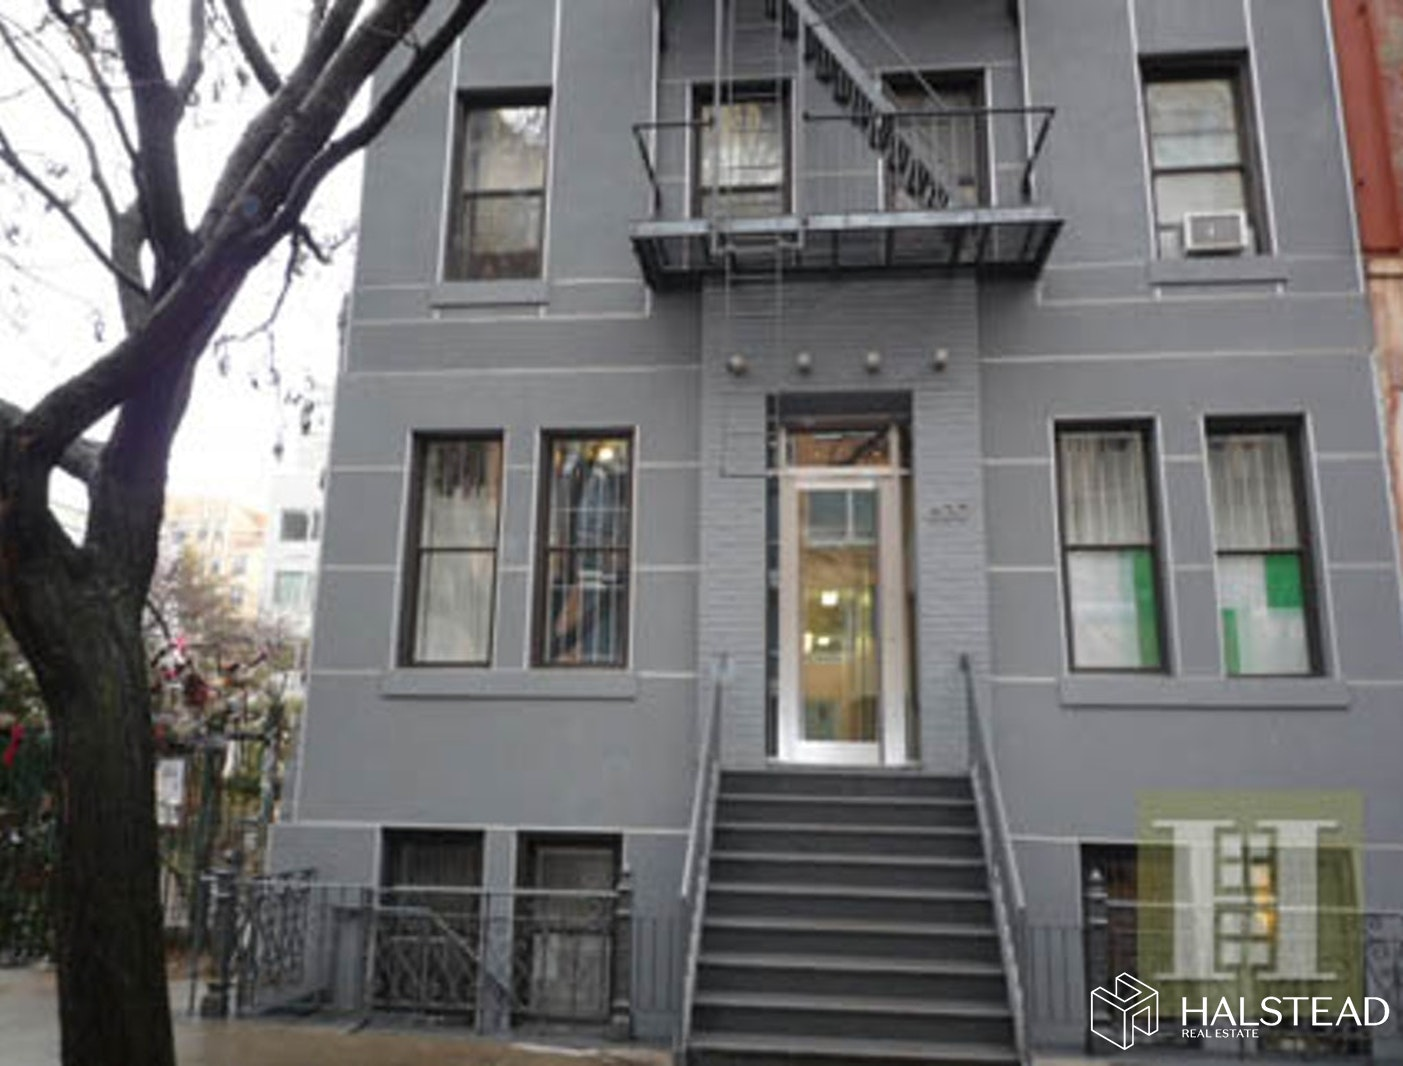 630 EAST 9TH STREET 9, East Village, $3,100, Web #: 19827926